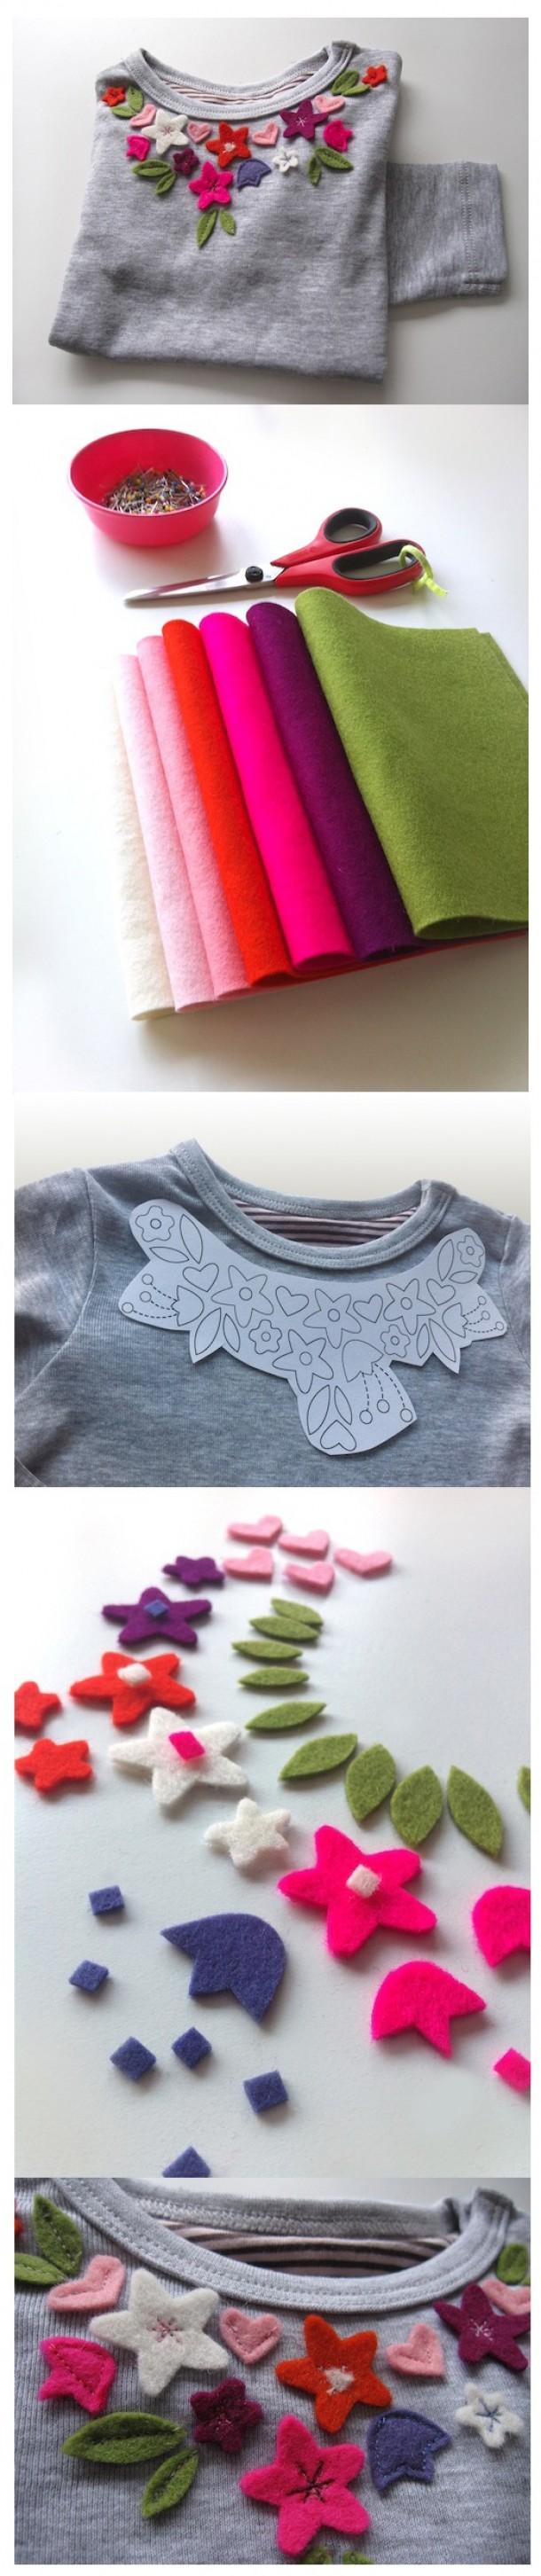 Camiseta con flores de Fieltro... *-* ¡quiero haceeerla!